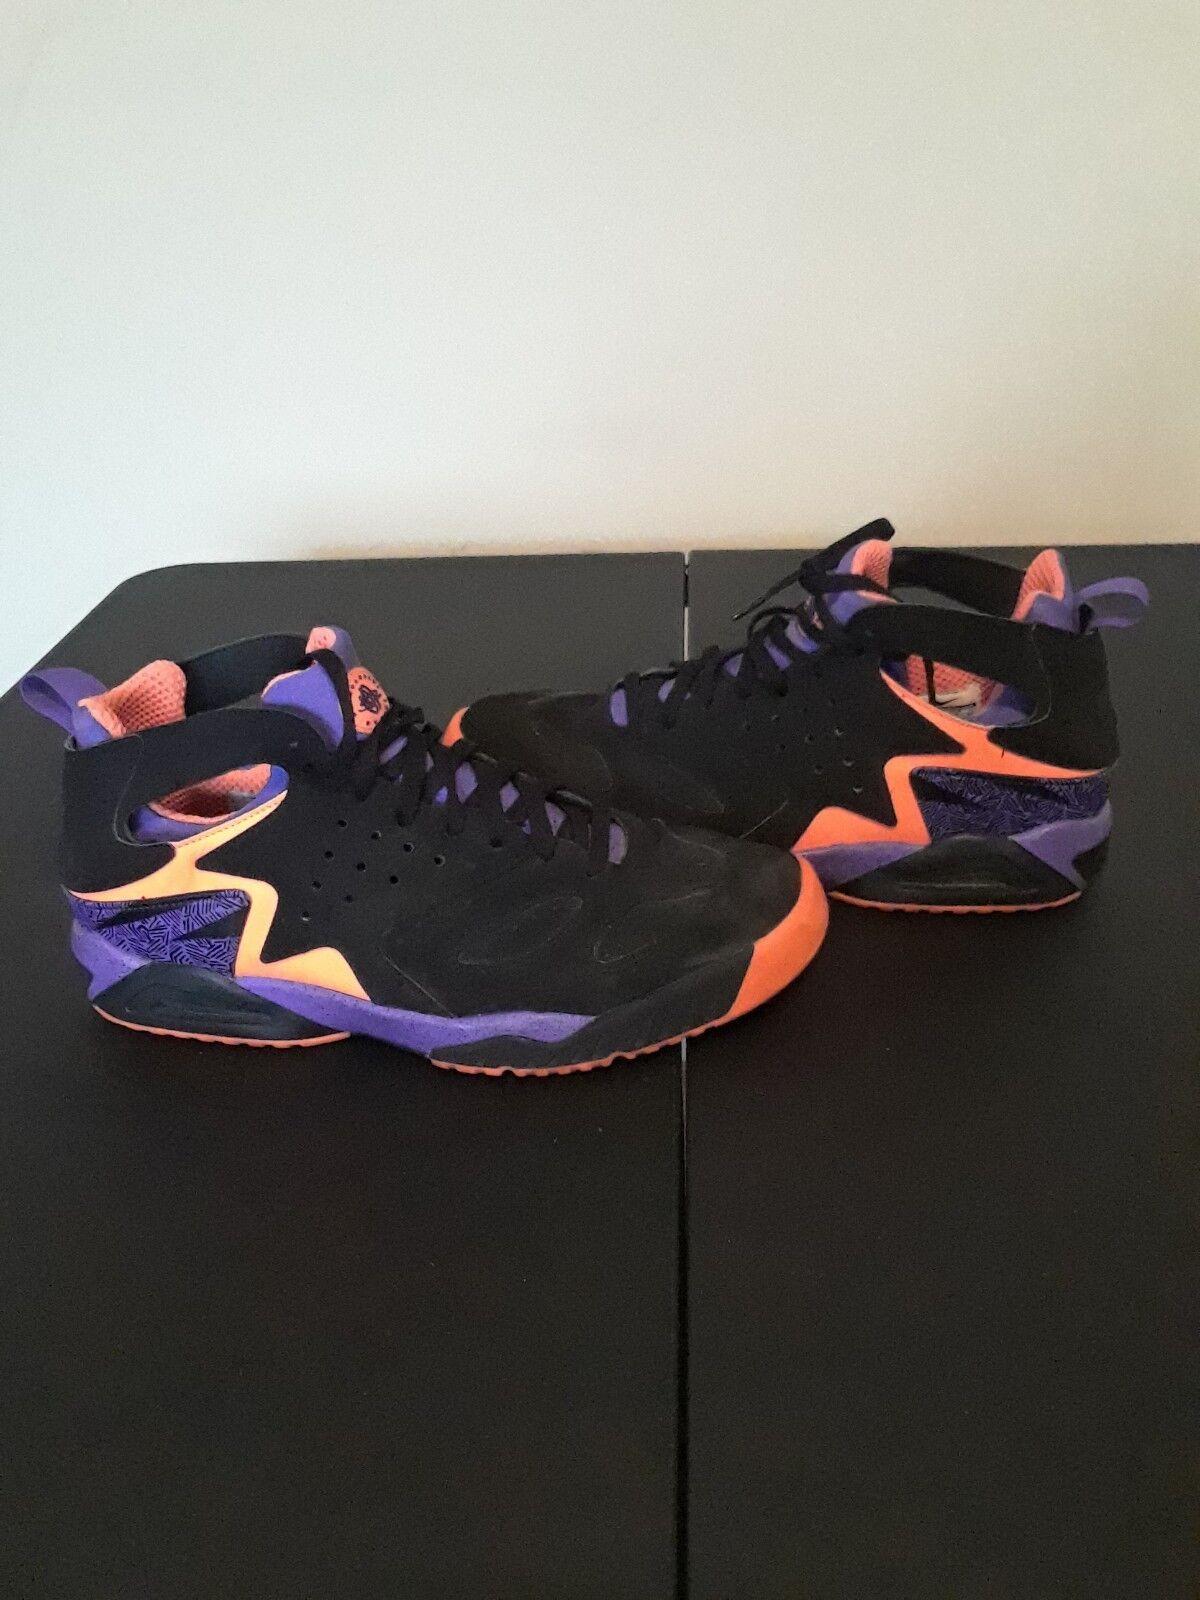 Nike Air Phoenix Suns Casual hurache 2018 Wild Casual Suns Shoes 1d7347